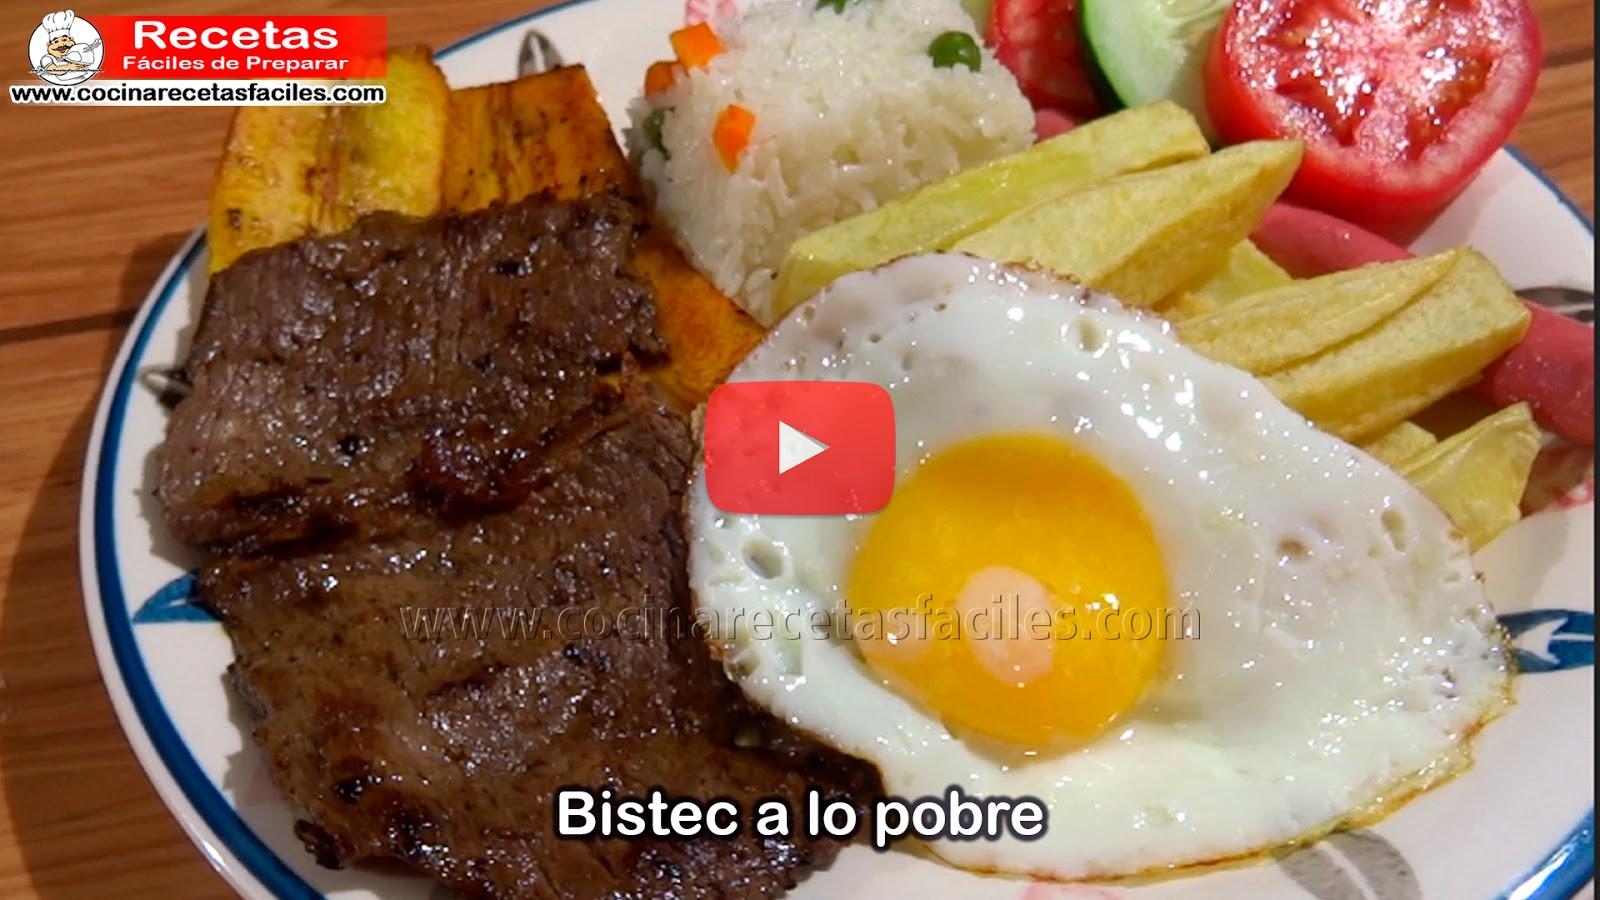 Bistec a lo Pobre Peruano   Aprende a  preparar un delicioso BISTEC A LO POBRE PERUANO de manera rápida y fácil.